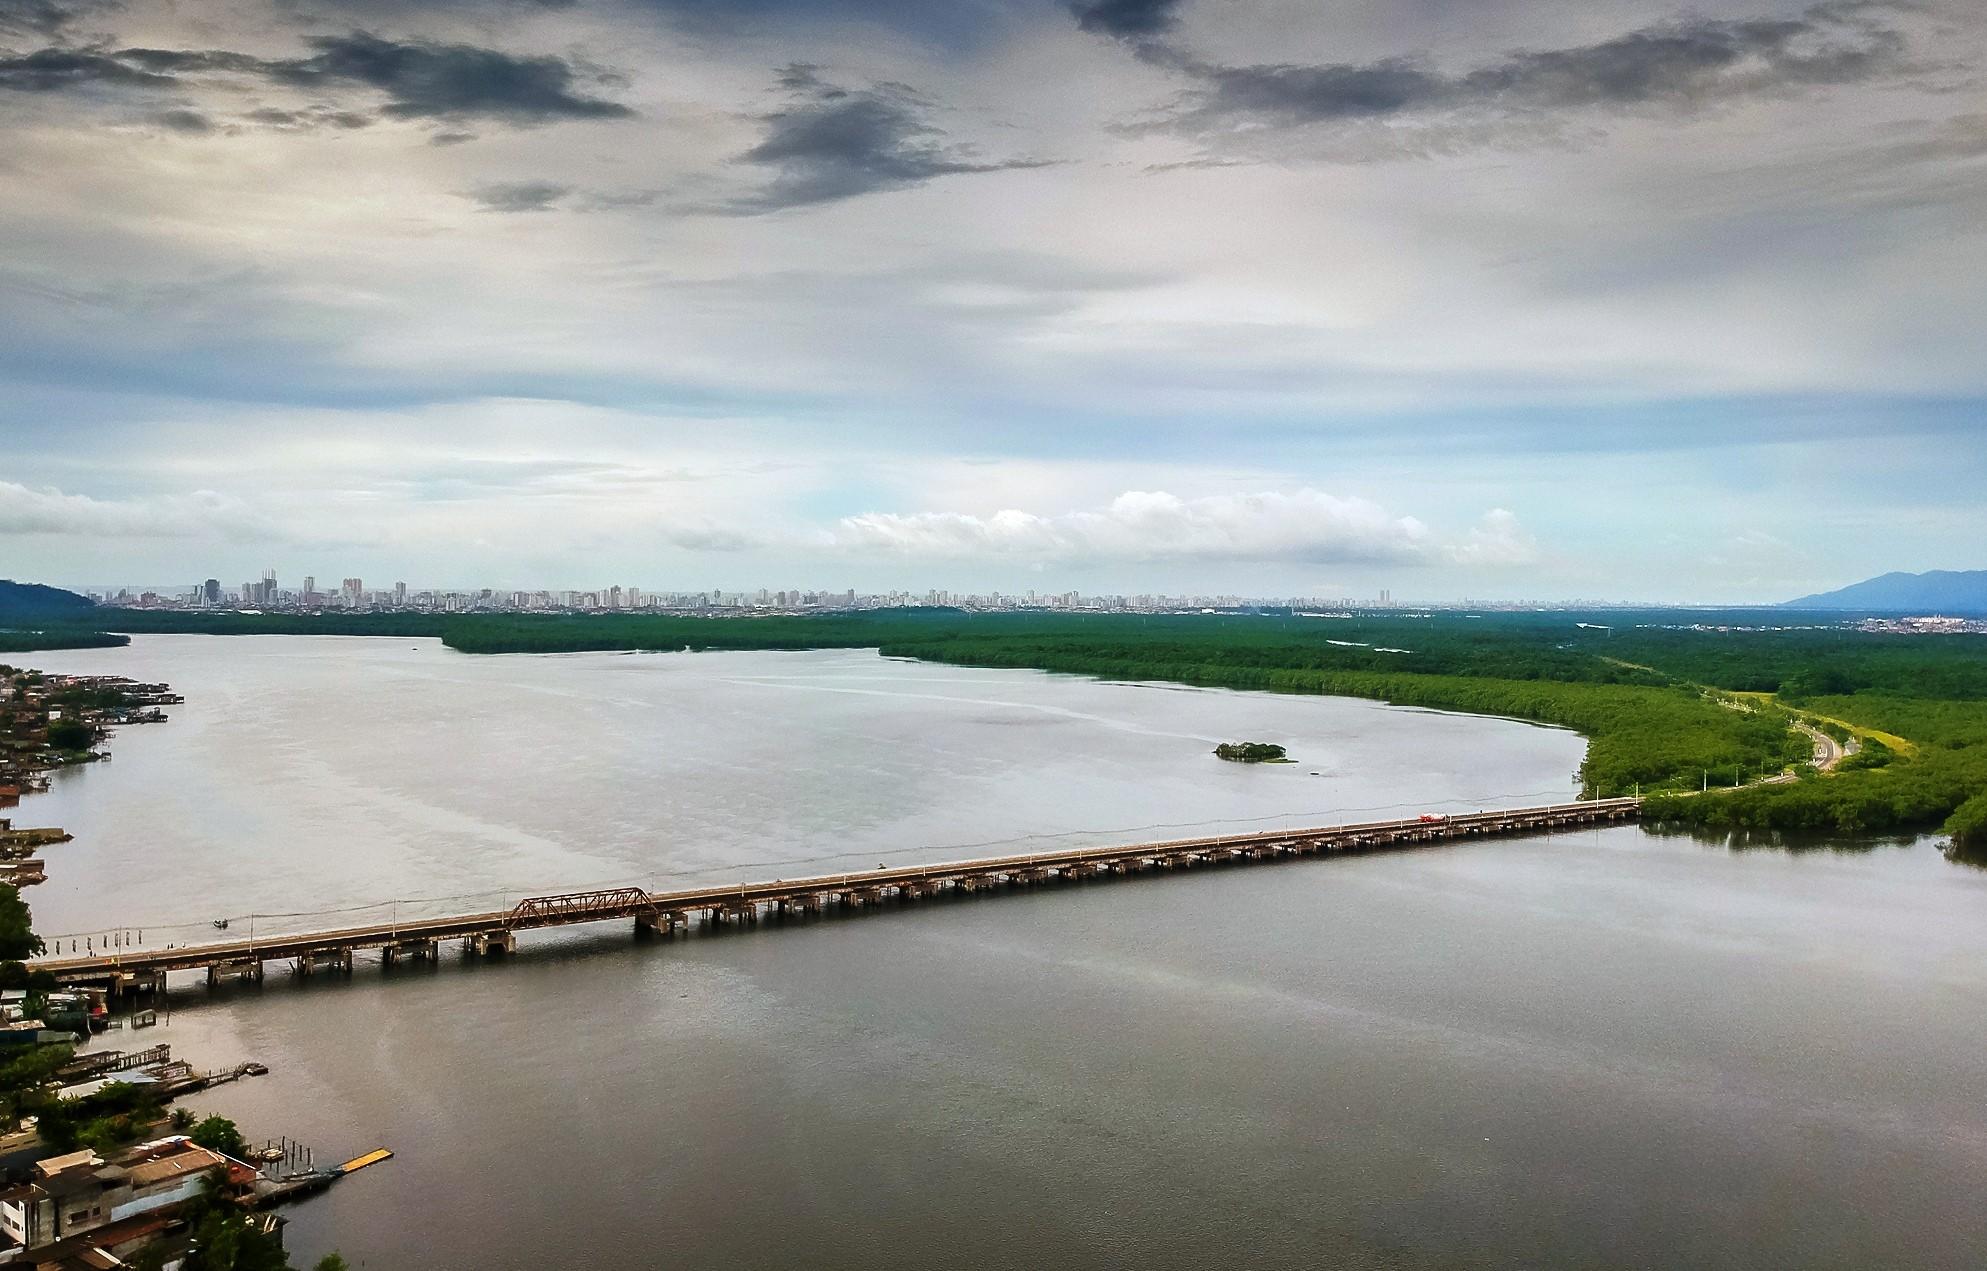 Laudo libera trânsito por mais seis meses na Ponte dos Barreiros - Notícias - Plantão Diário